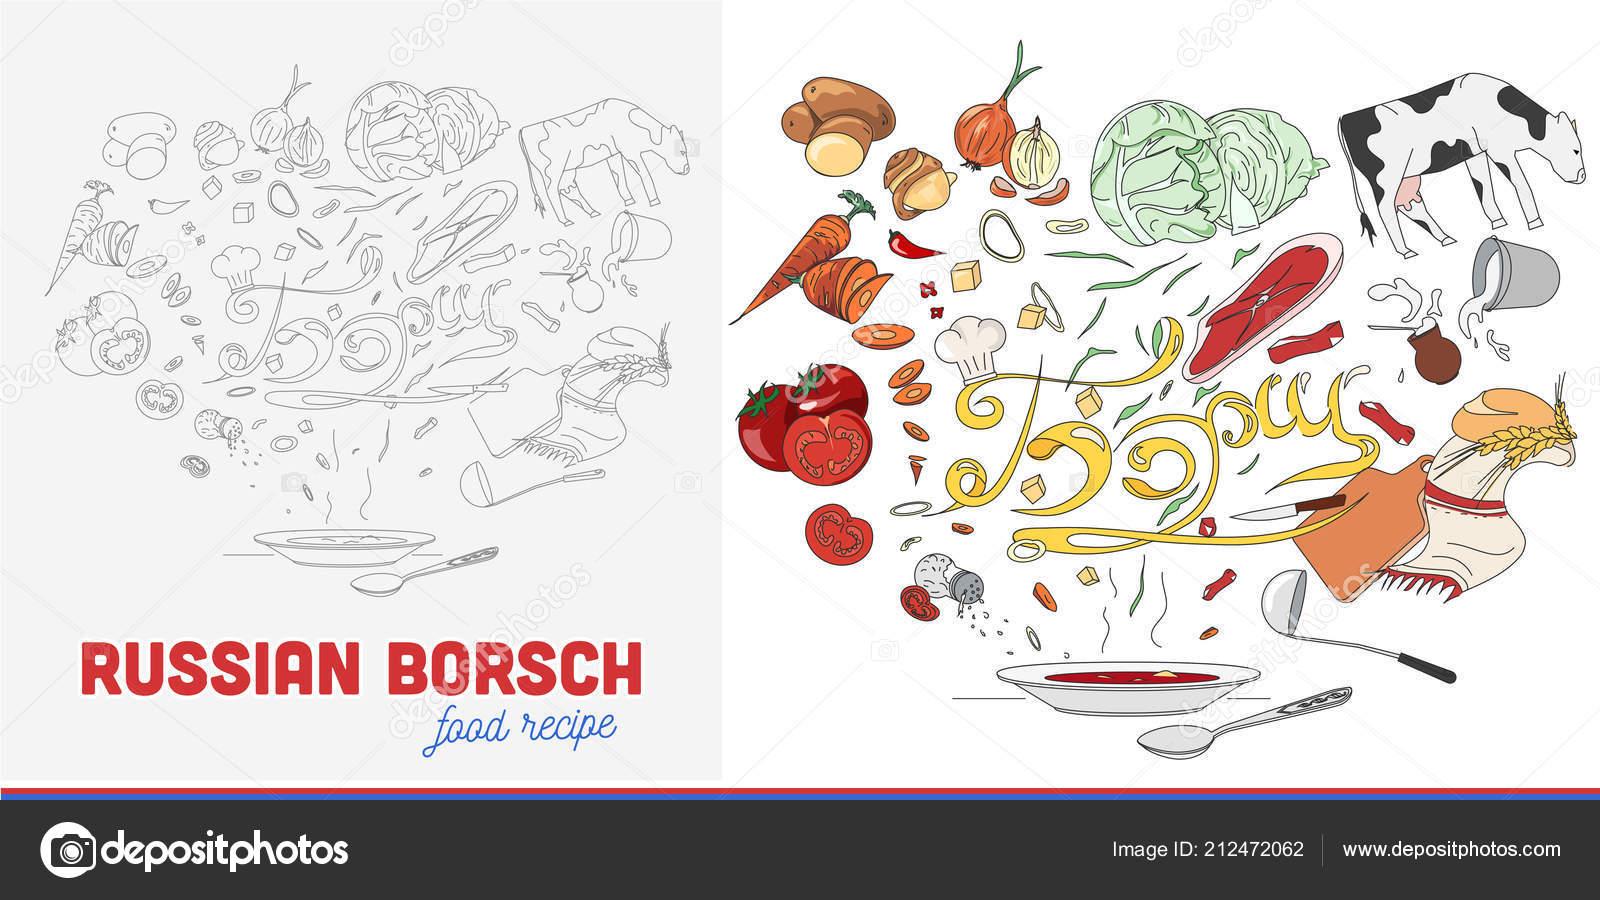 Еда рецепты борщ